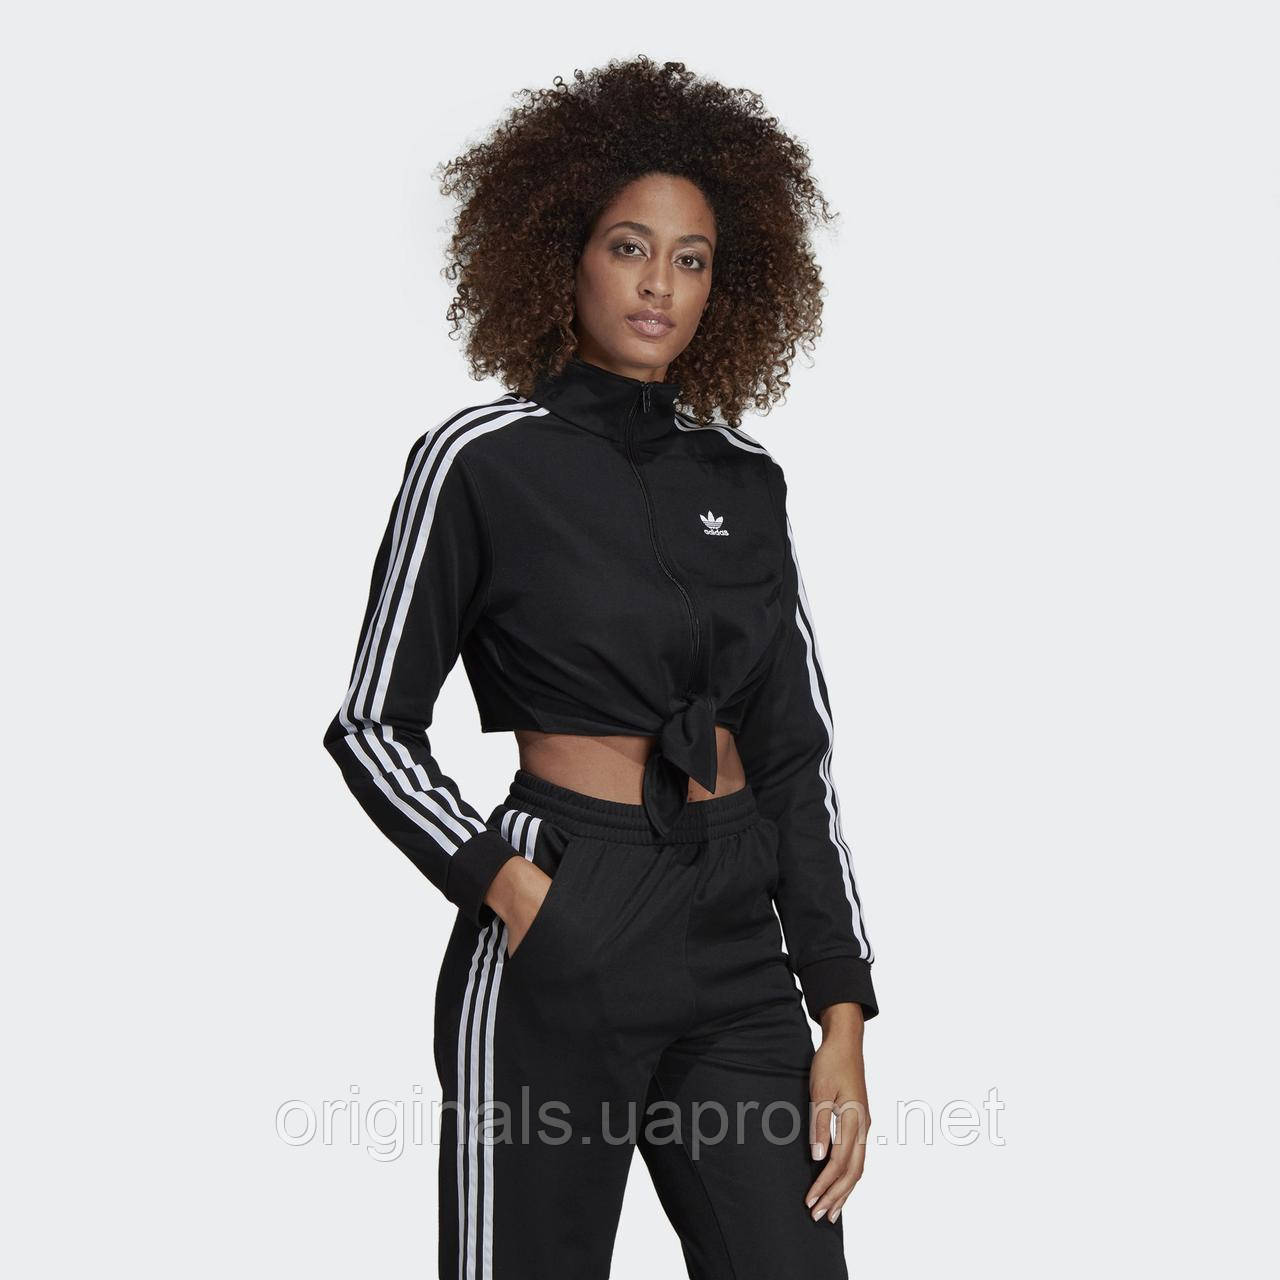 8488055487c50f Женская олимпийка adidas Knotted Track Top FH7988 - 2019 - интернет-магазин  Originals - Оригинальный